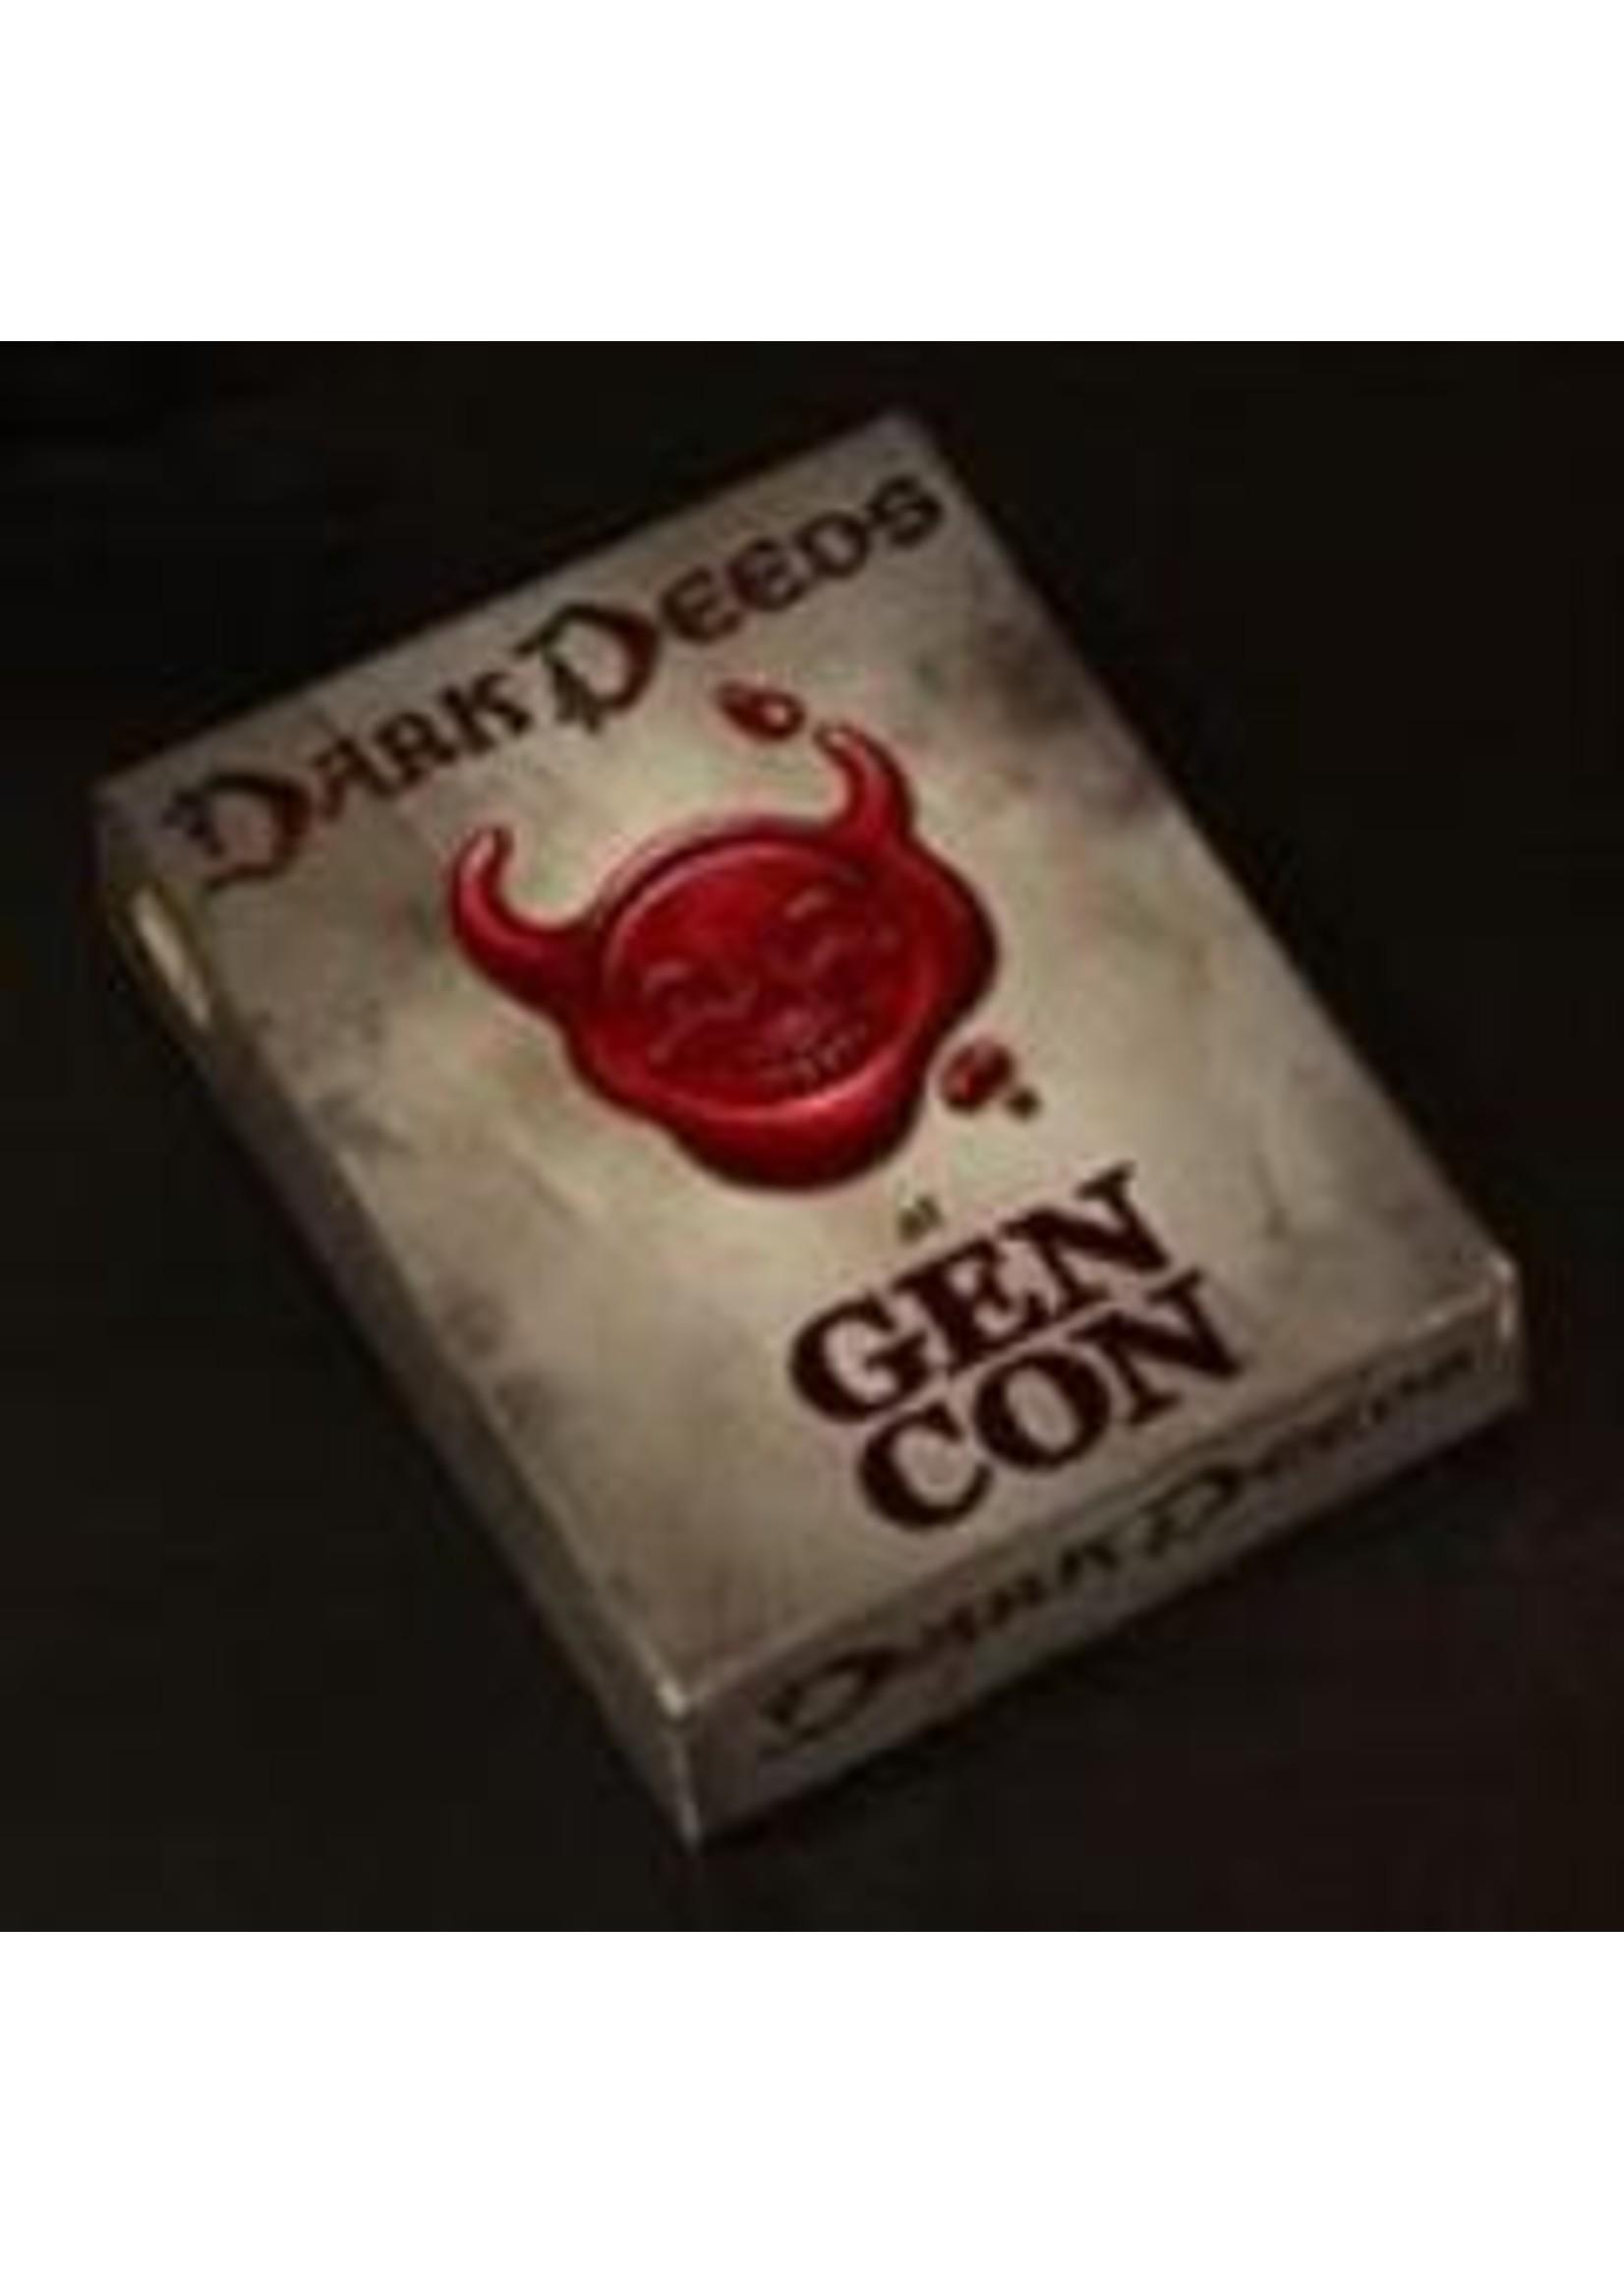 Dark Deeds: Gen Con Expansion